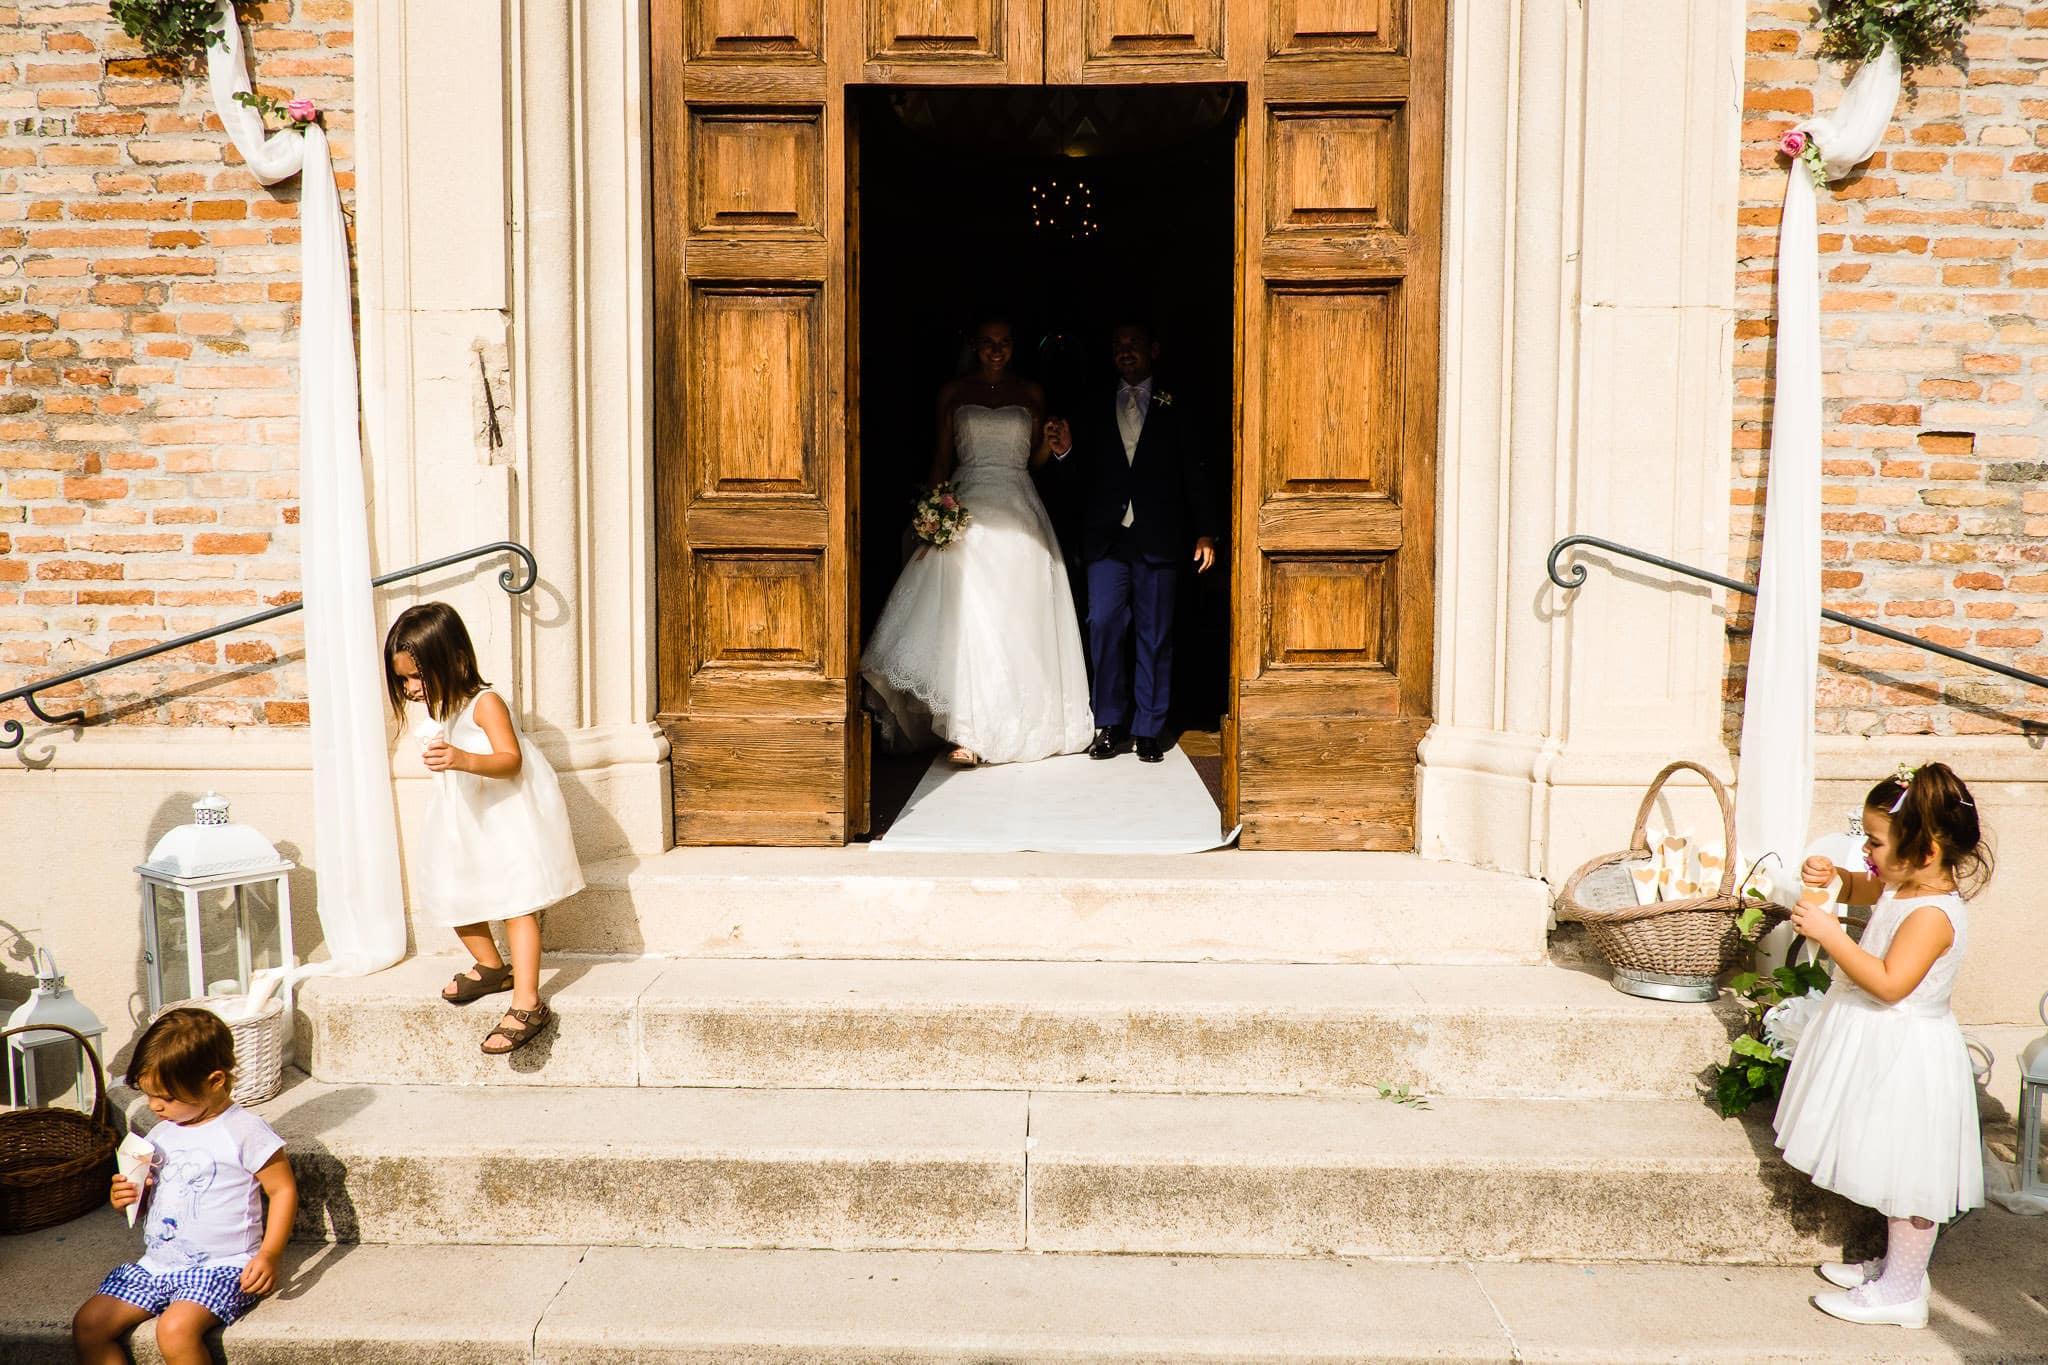 matrimonio castello di gradara nelle marche uscita chiesa